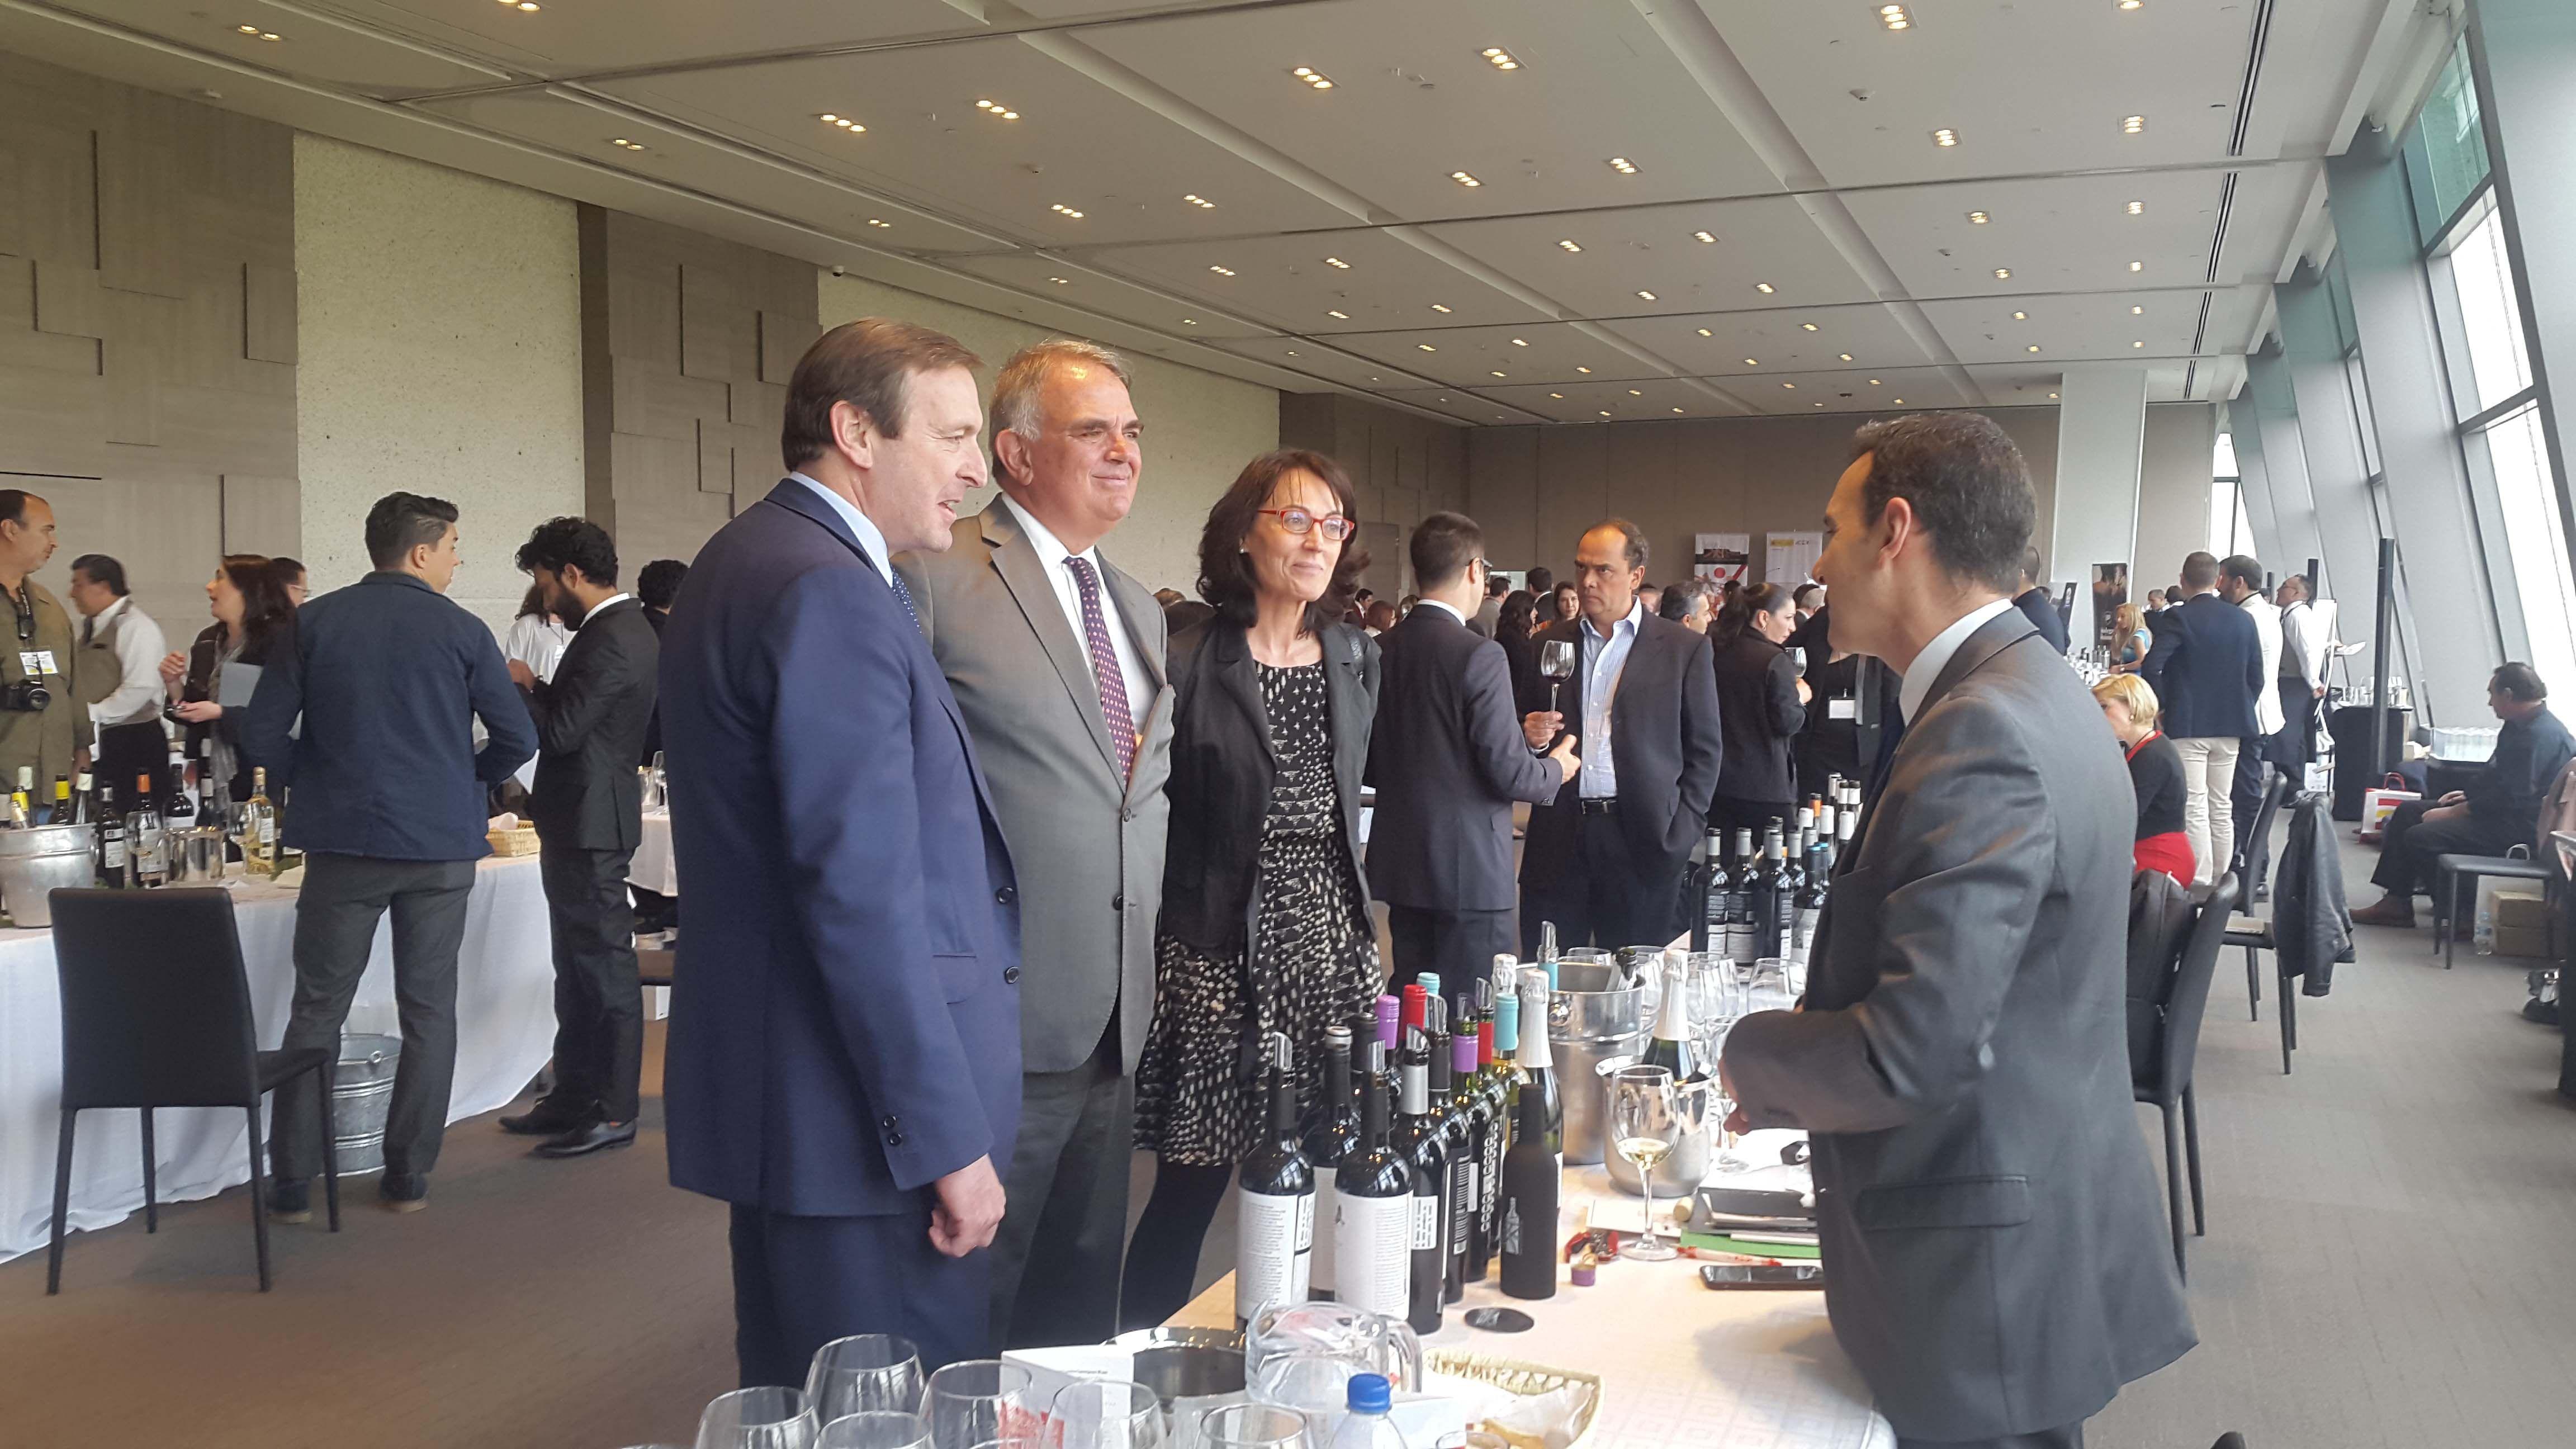 Una nutrida muestra de vinos de diferentes regiones vitivinícolas, trajo la XI Exposición de Vinos de España.